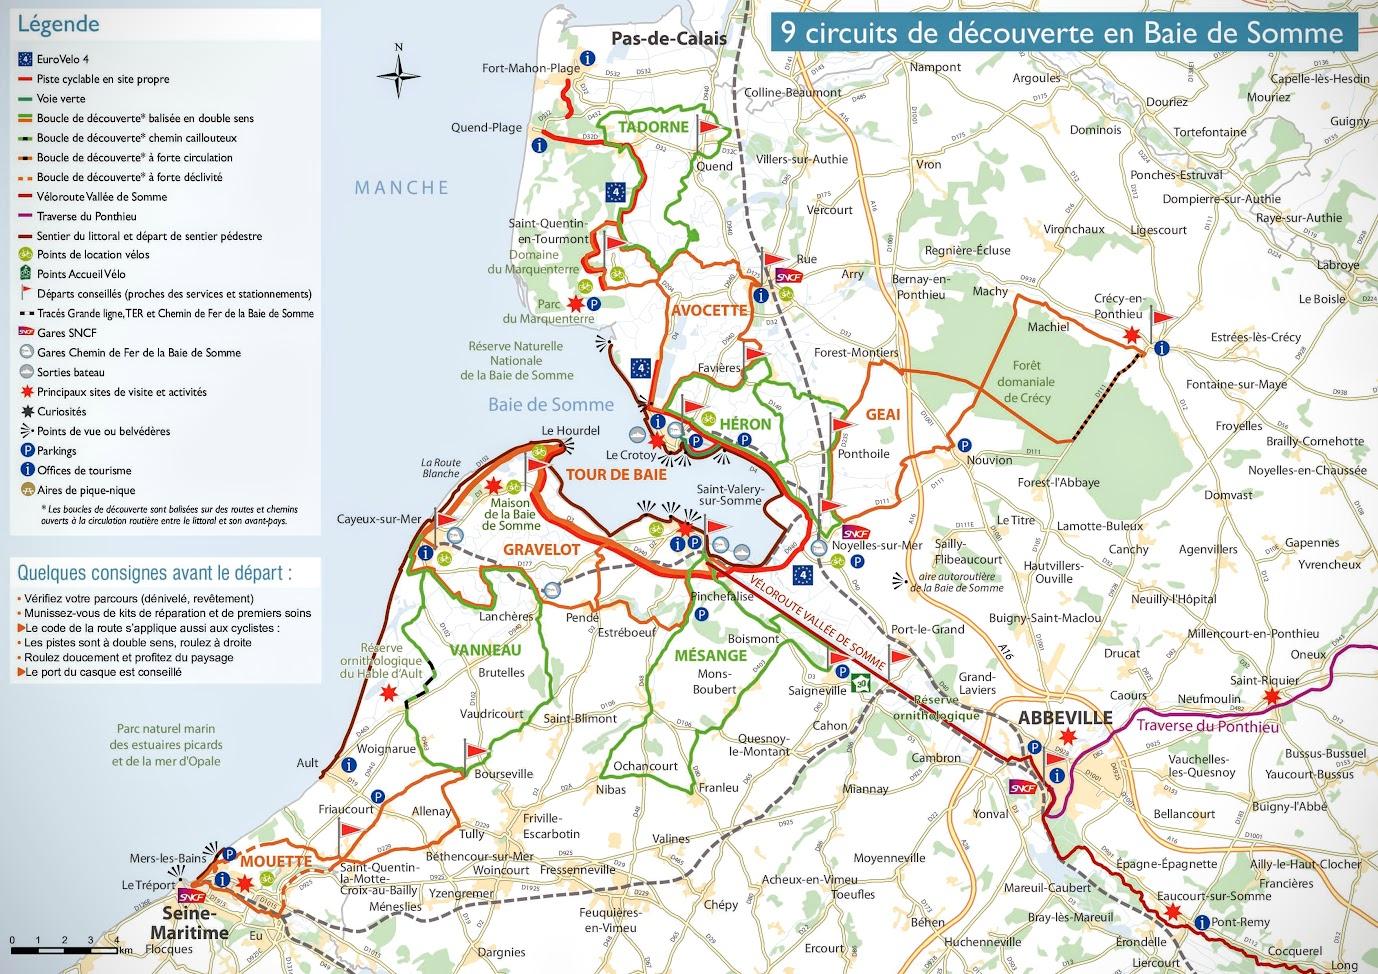 Carte des circuits à vélo en Baie de Somme fournie par l'Office du Tourisme de la Baie de Somme - Blog Les Balades à vélo autour de La Baie de Somme par veloiledefrance.com